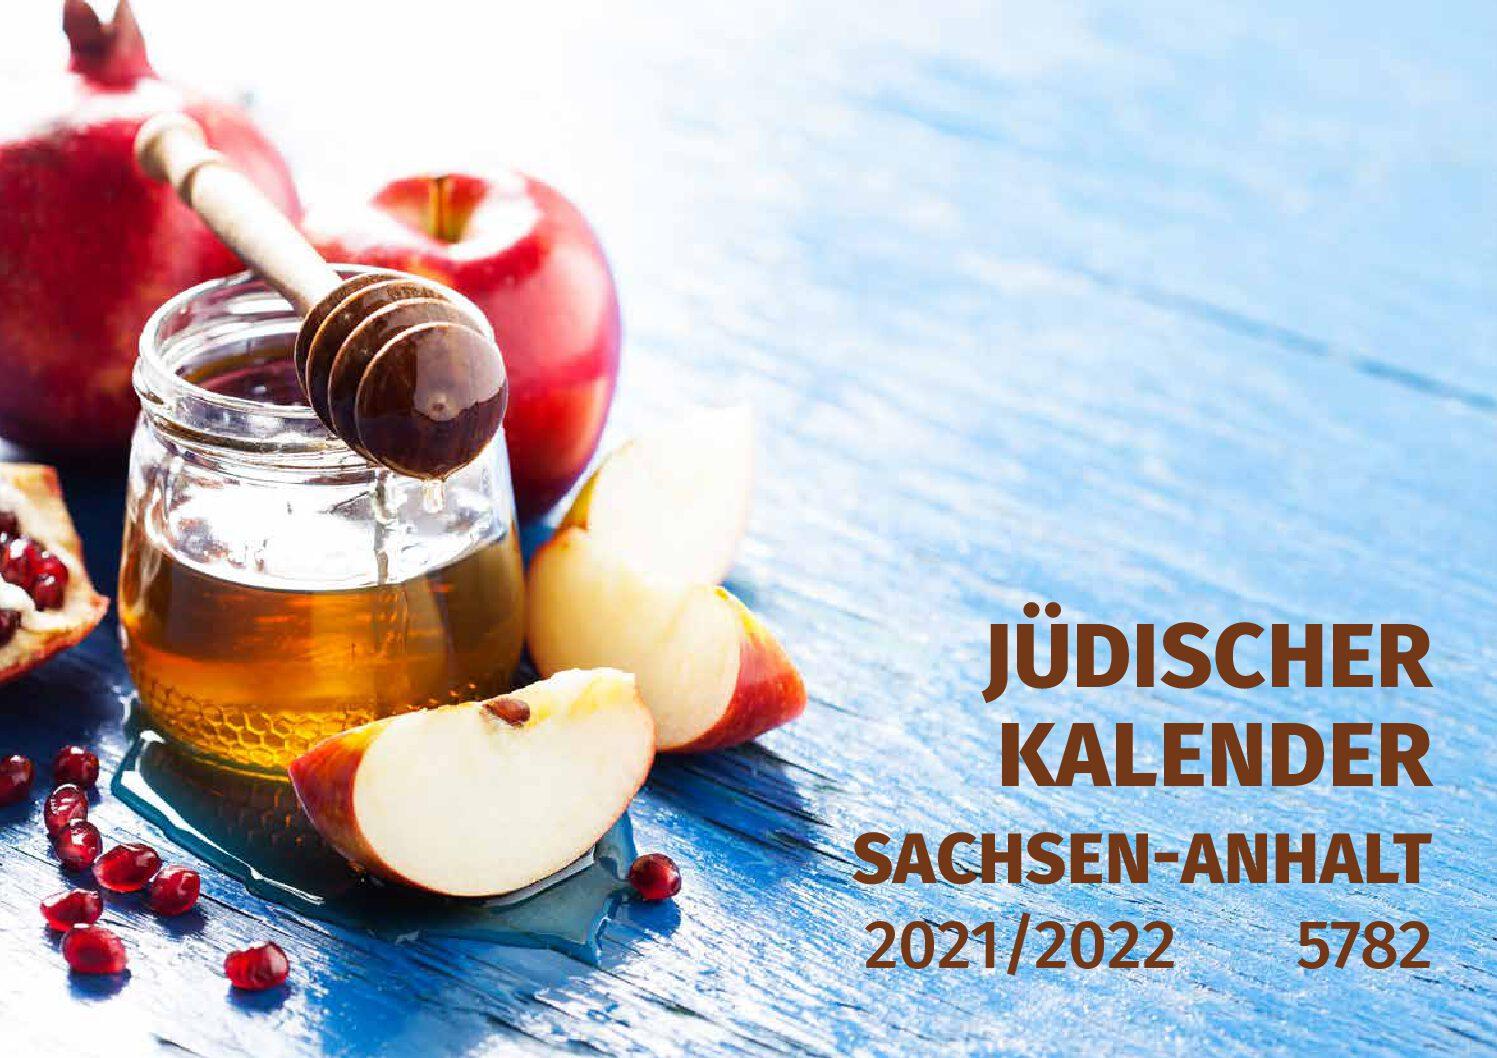 Jüdischer Kalender Sachsen-Anhalt 5782 (2021/2022)